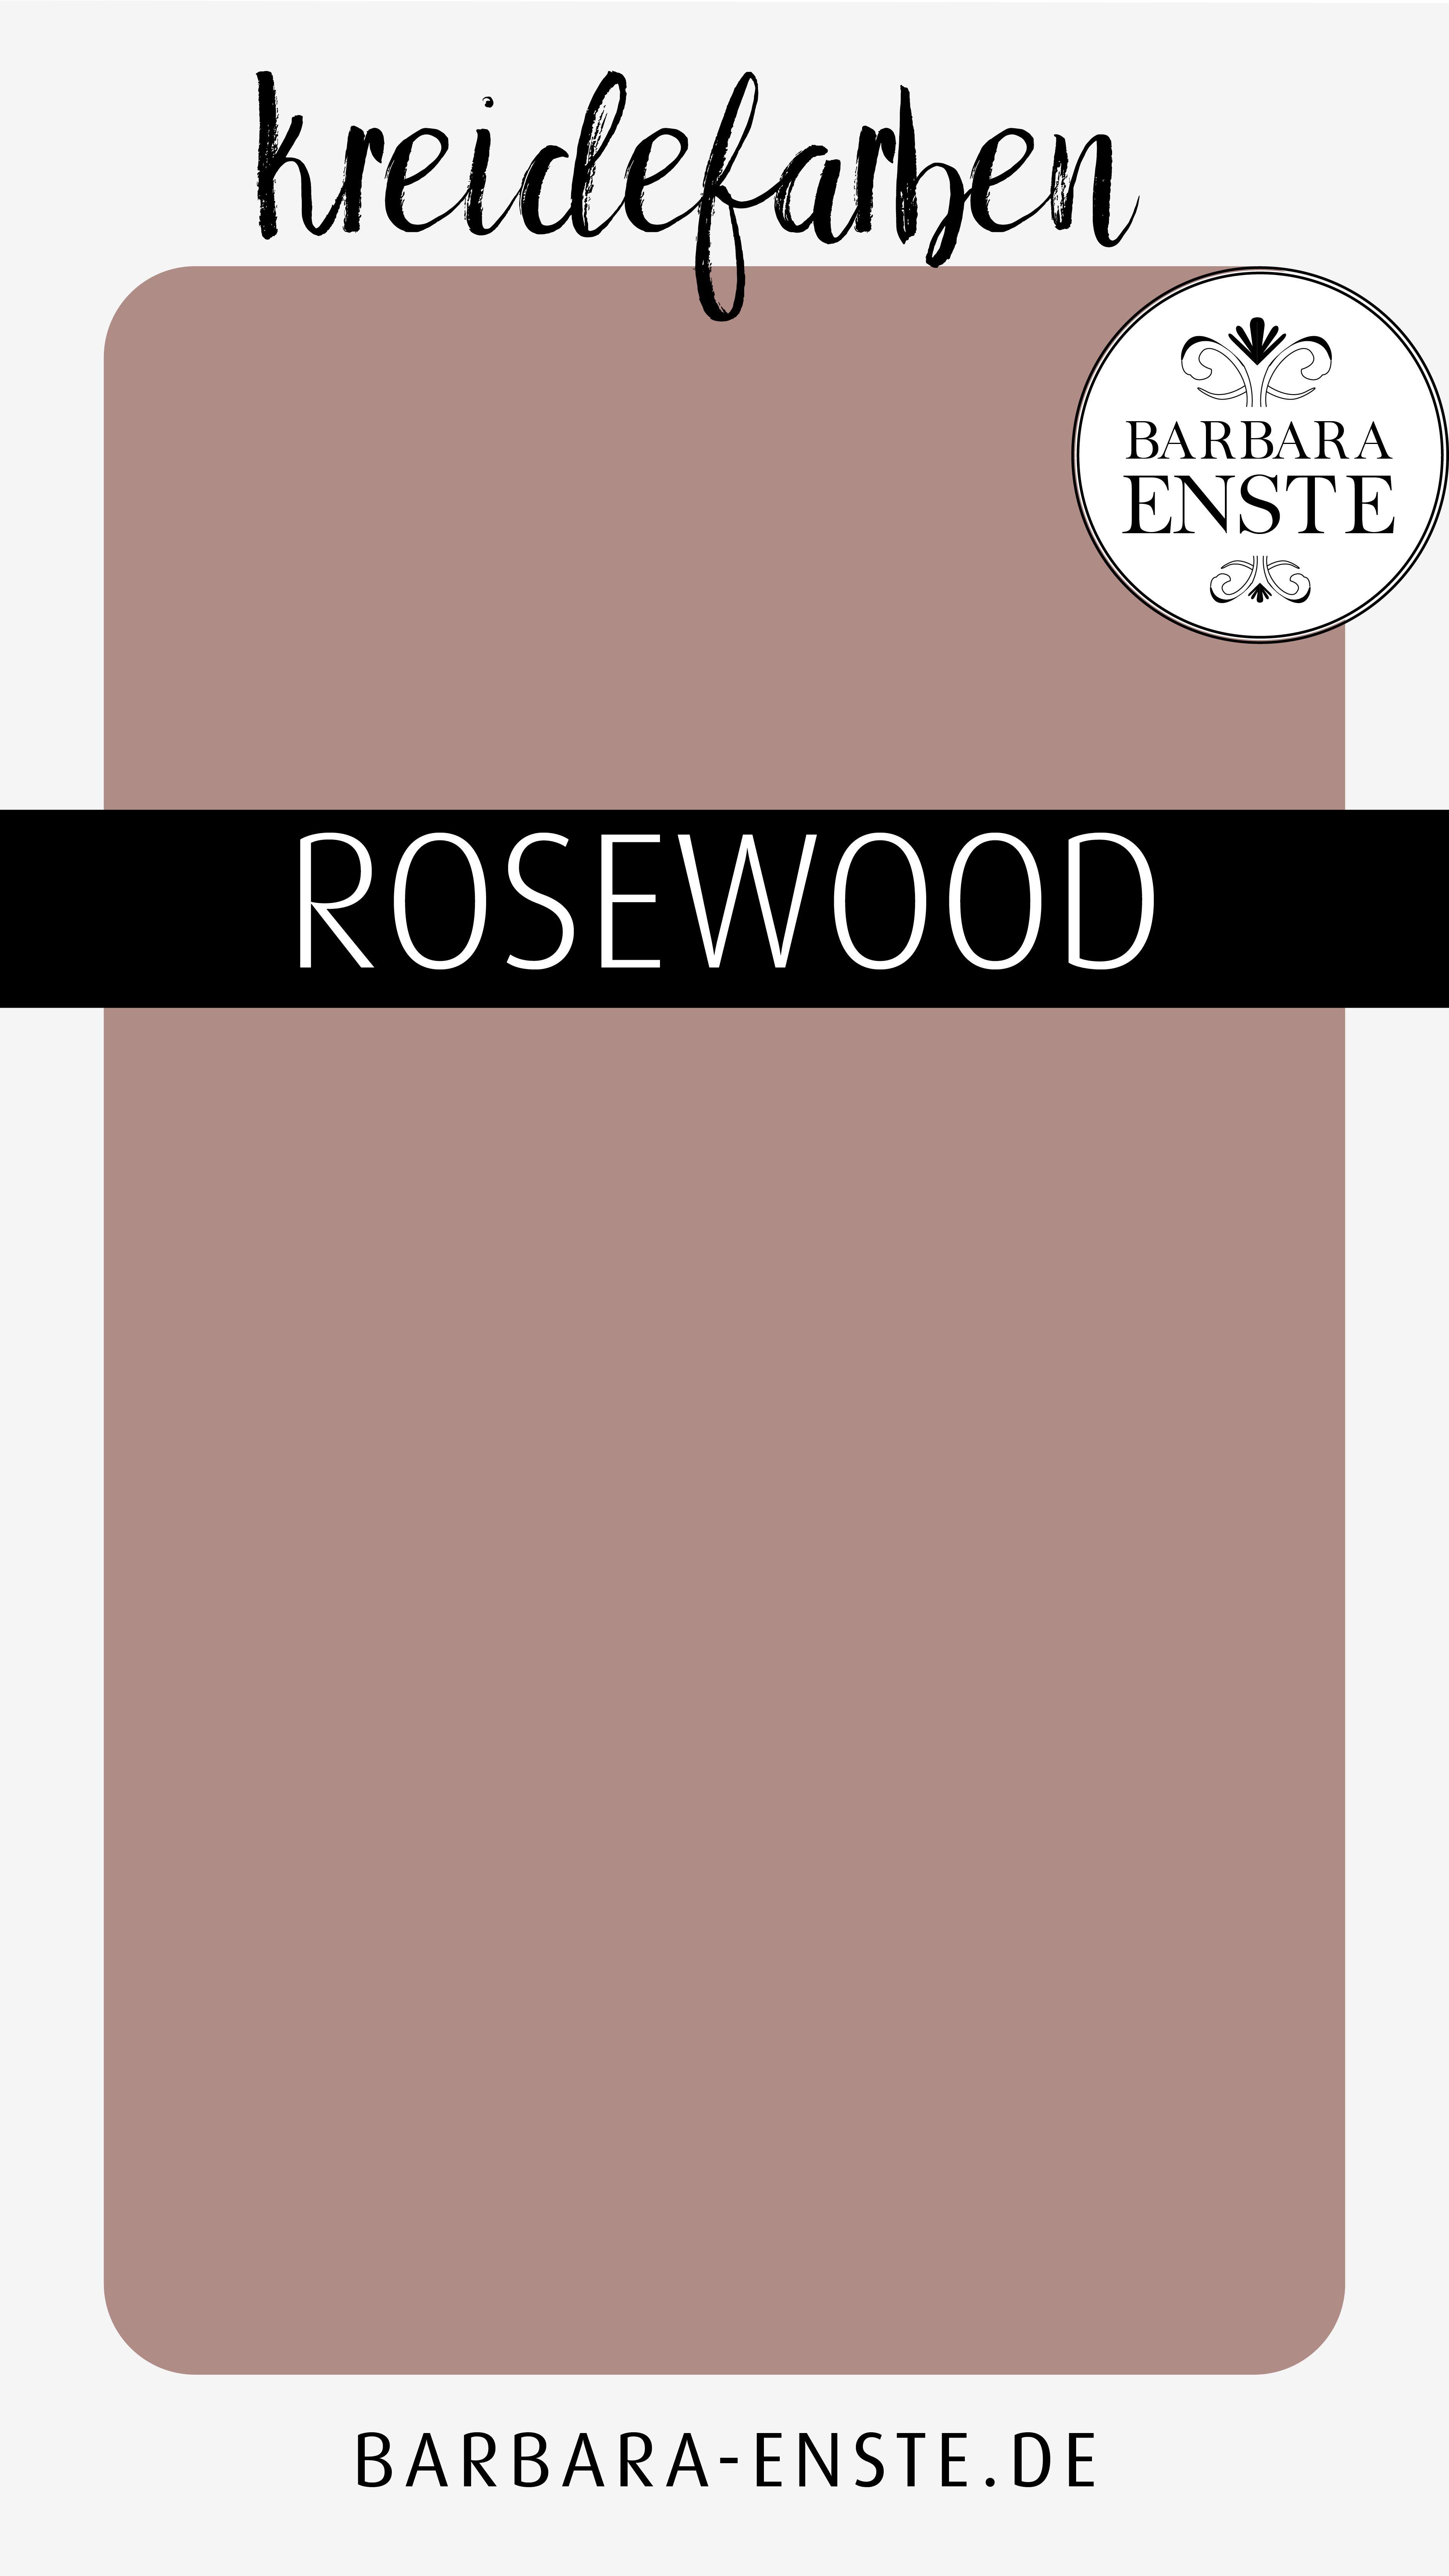 Rosa I Kinderzimmer I Streichen I Chalkpaint I Kreidefarbe I Cottage I Renovieren I Inspiration I In 2020 Kreidefarbe Antikwachs Renovieren